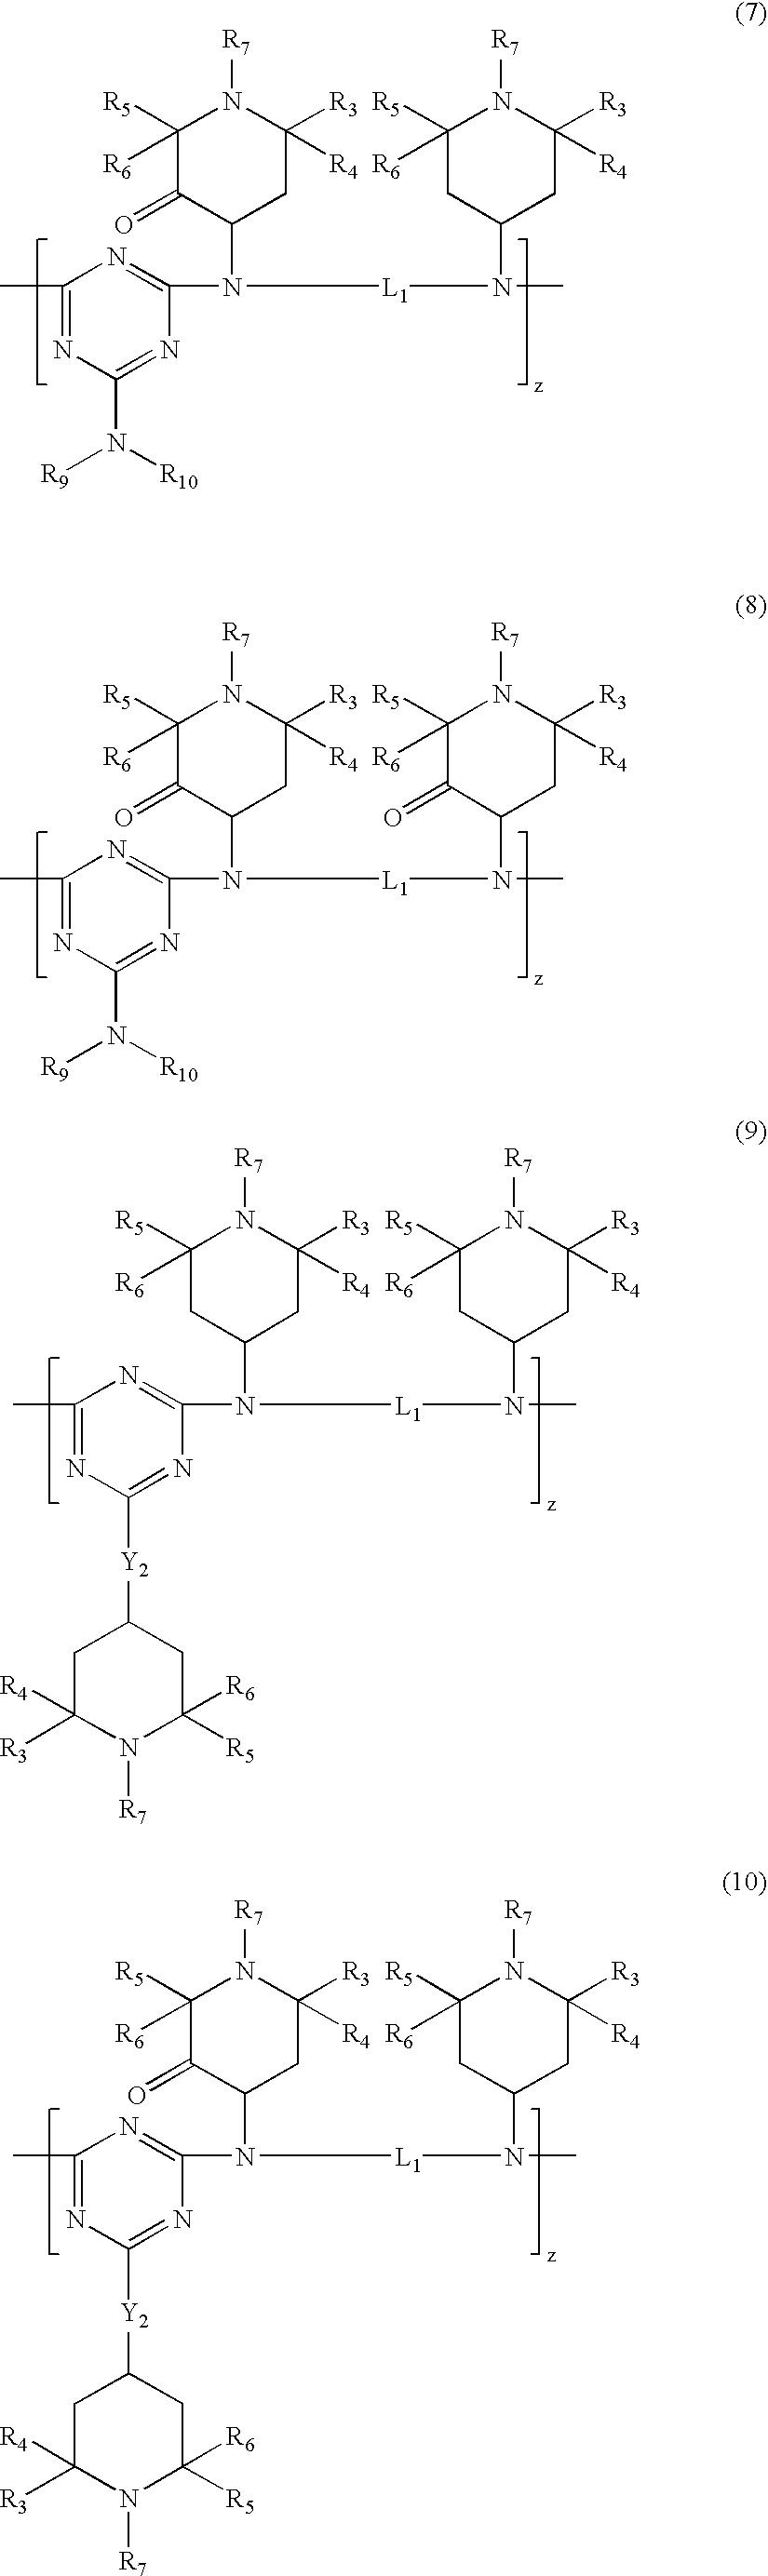 Figure US07297735-20071120-C00010